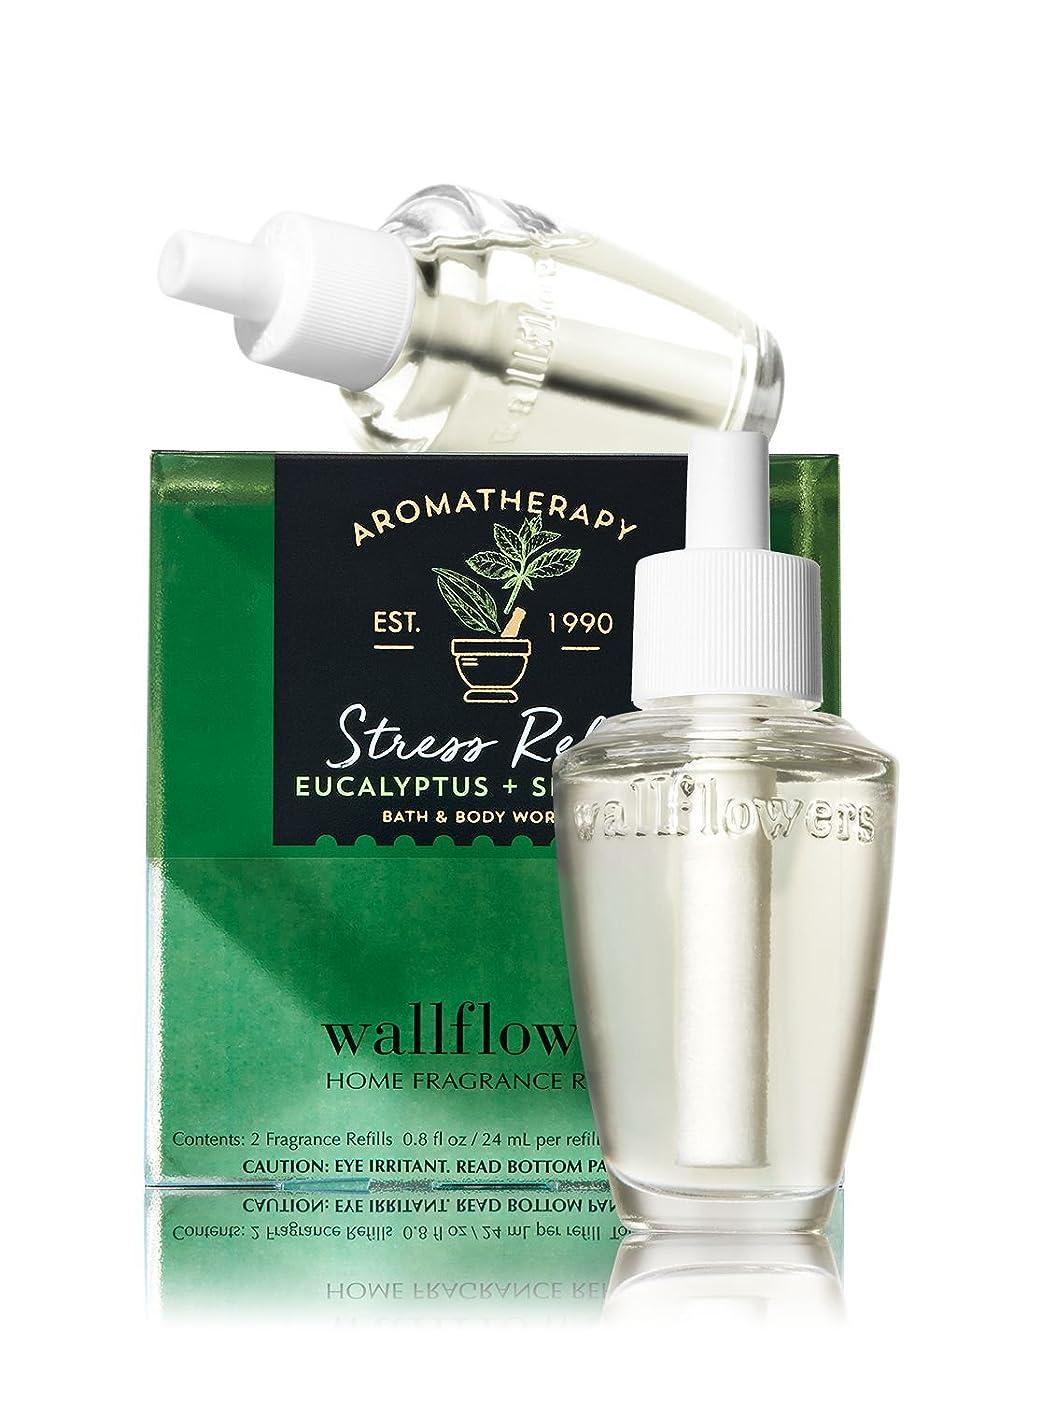 拡張現代ルーチン【Bath&Body Works/バス&ボディワークス】 ルームフレグランス 詰替えリフィル(2個入り) ストレスリリーフ ユーカリスペアミント Wallflowers Home Fragrance 2-Pack Refills Stress Relief Eucalyptus Spearmint [並行輸入品]